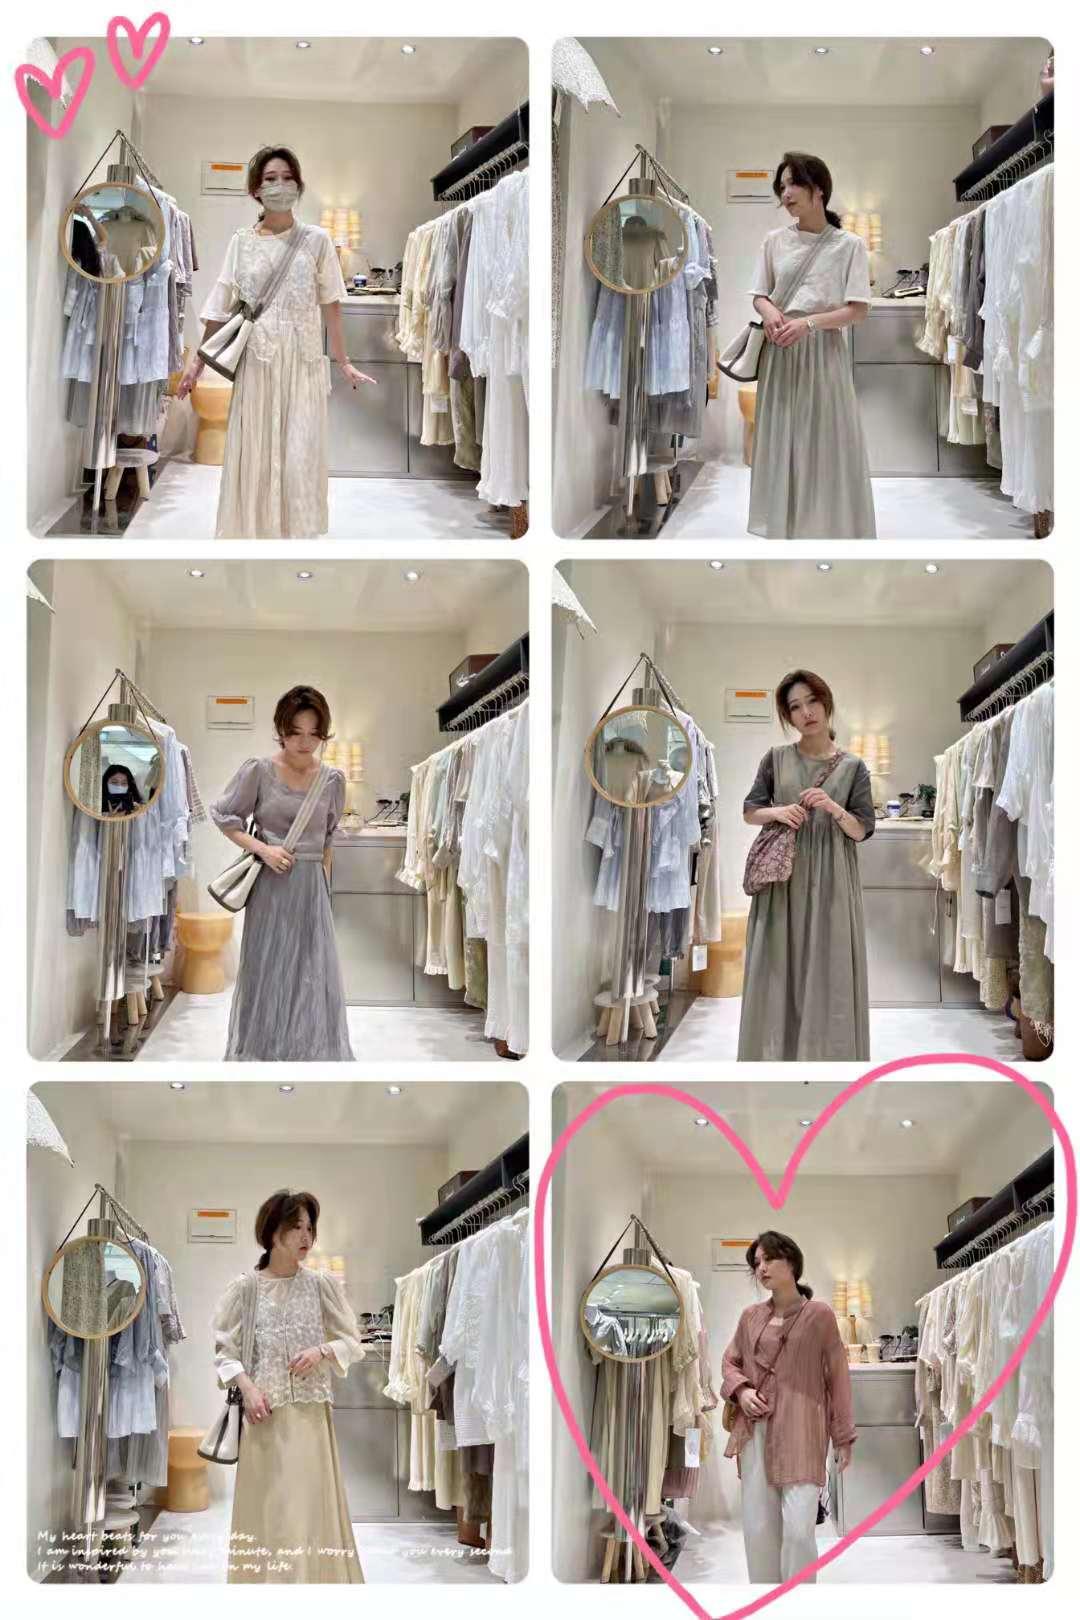 微商女装童装一手货源 质量保证 不囤货